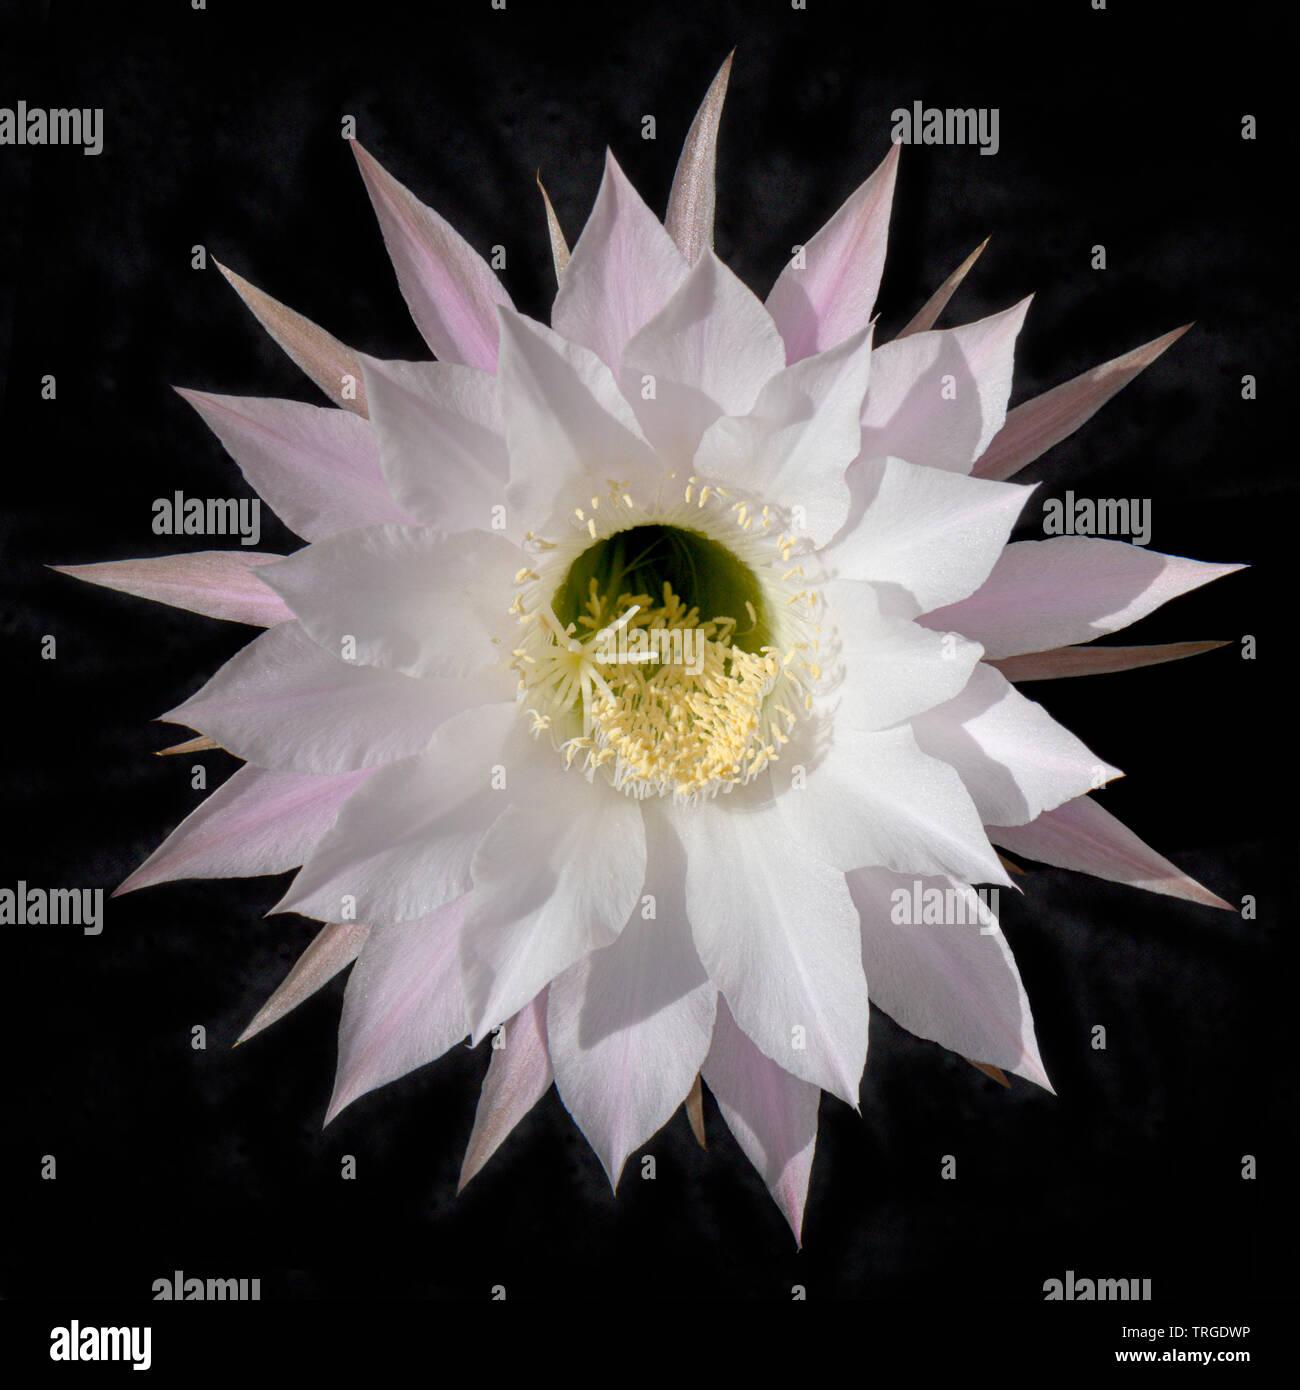 Un unico incredibile bianco e rosa fioritura notturna chinopsis cactus flower centrato su uno sfondo nero Immagini Stock